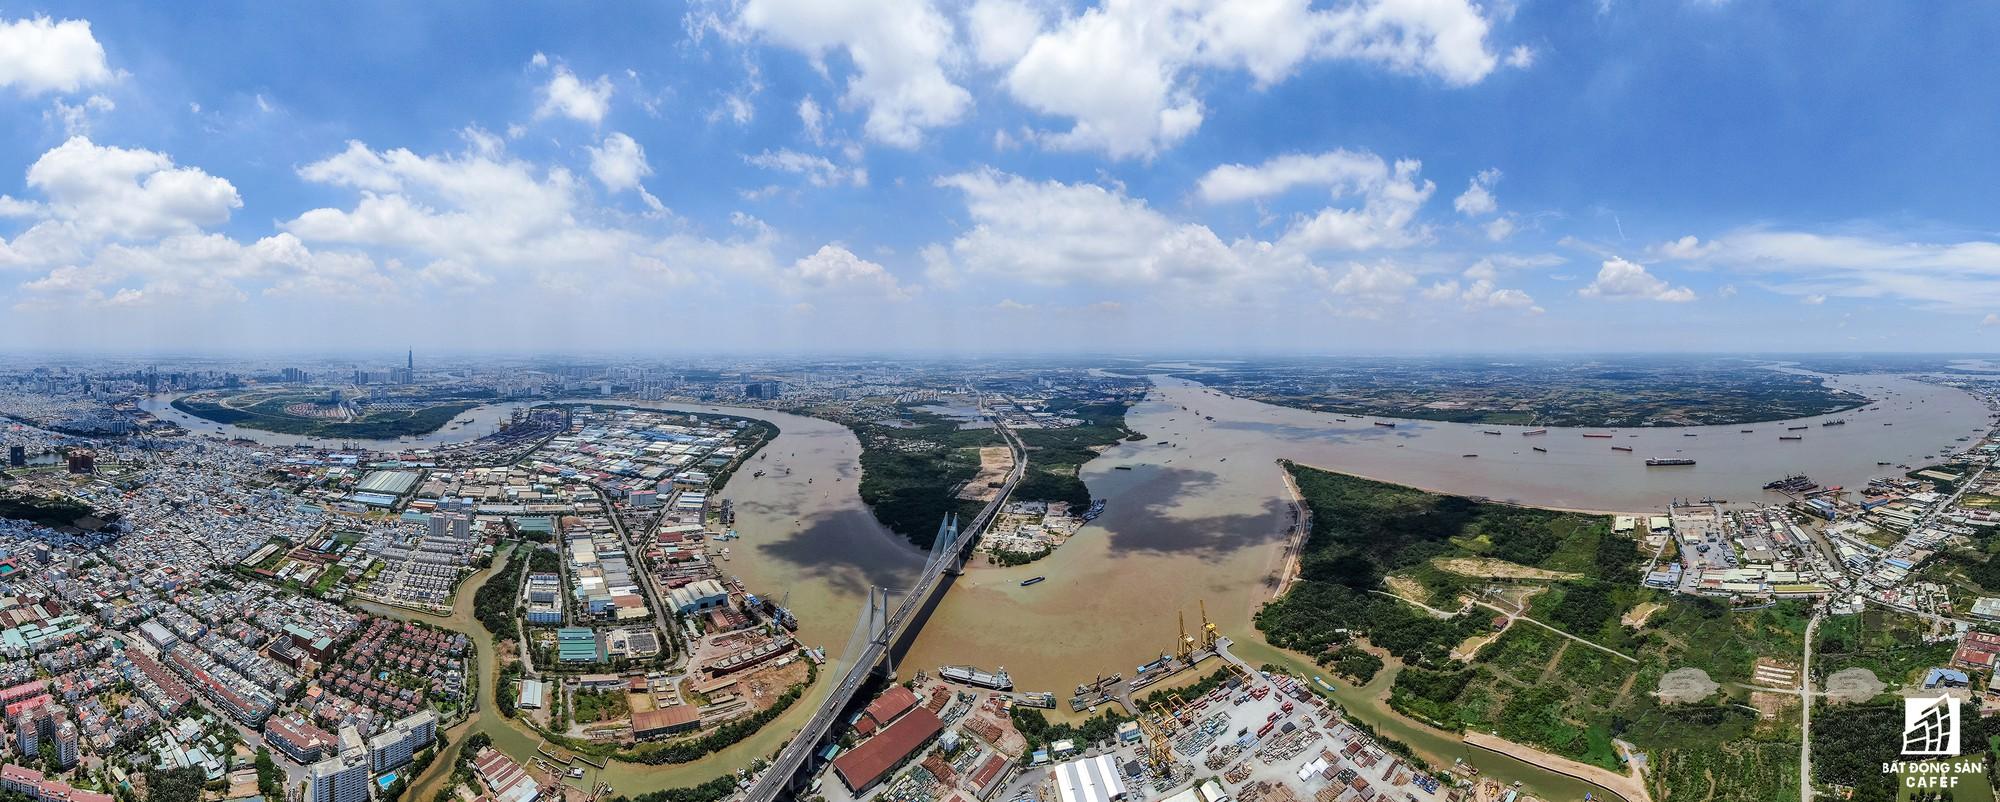 Diện mạo hai bờ sông Sài Gòn tương lai nhìn từ loạt siêu dự án tỷ đô, khu vực trung tâm giá nhà lên hơn 1 tỷ đồng/m2 - Ảnh 10.